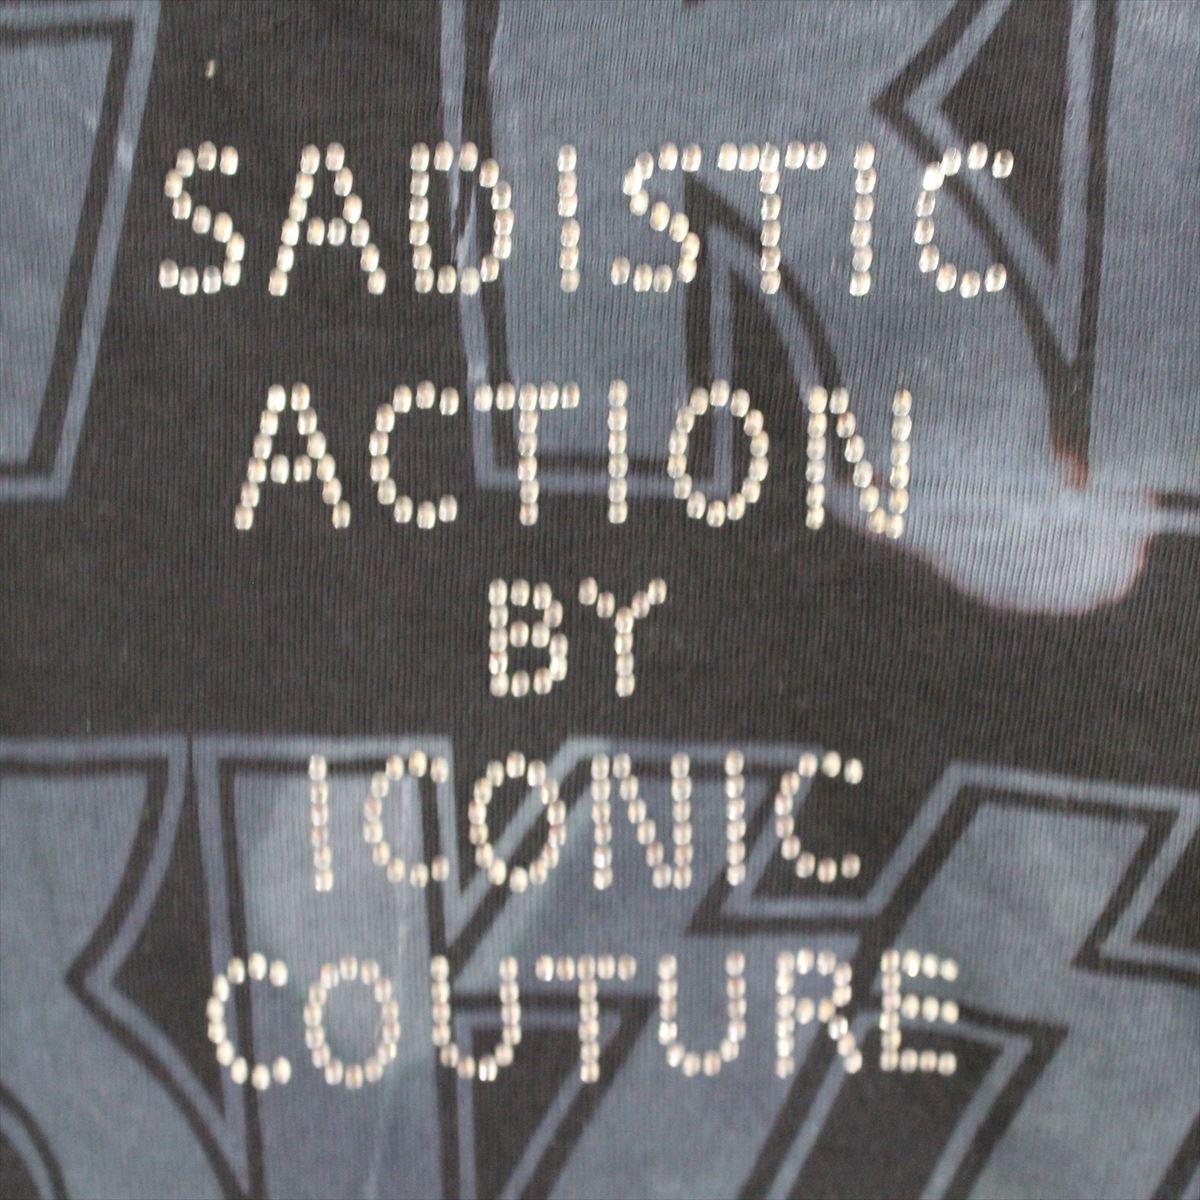 サディスティックアクション SADISTIC ACTION アイコニック メンズ半袖Tシャツ KISS Mサイズ ICONIC COUTURE 新品_画像5